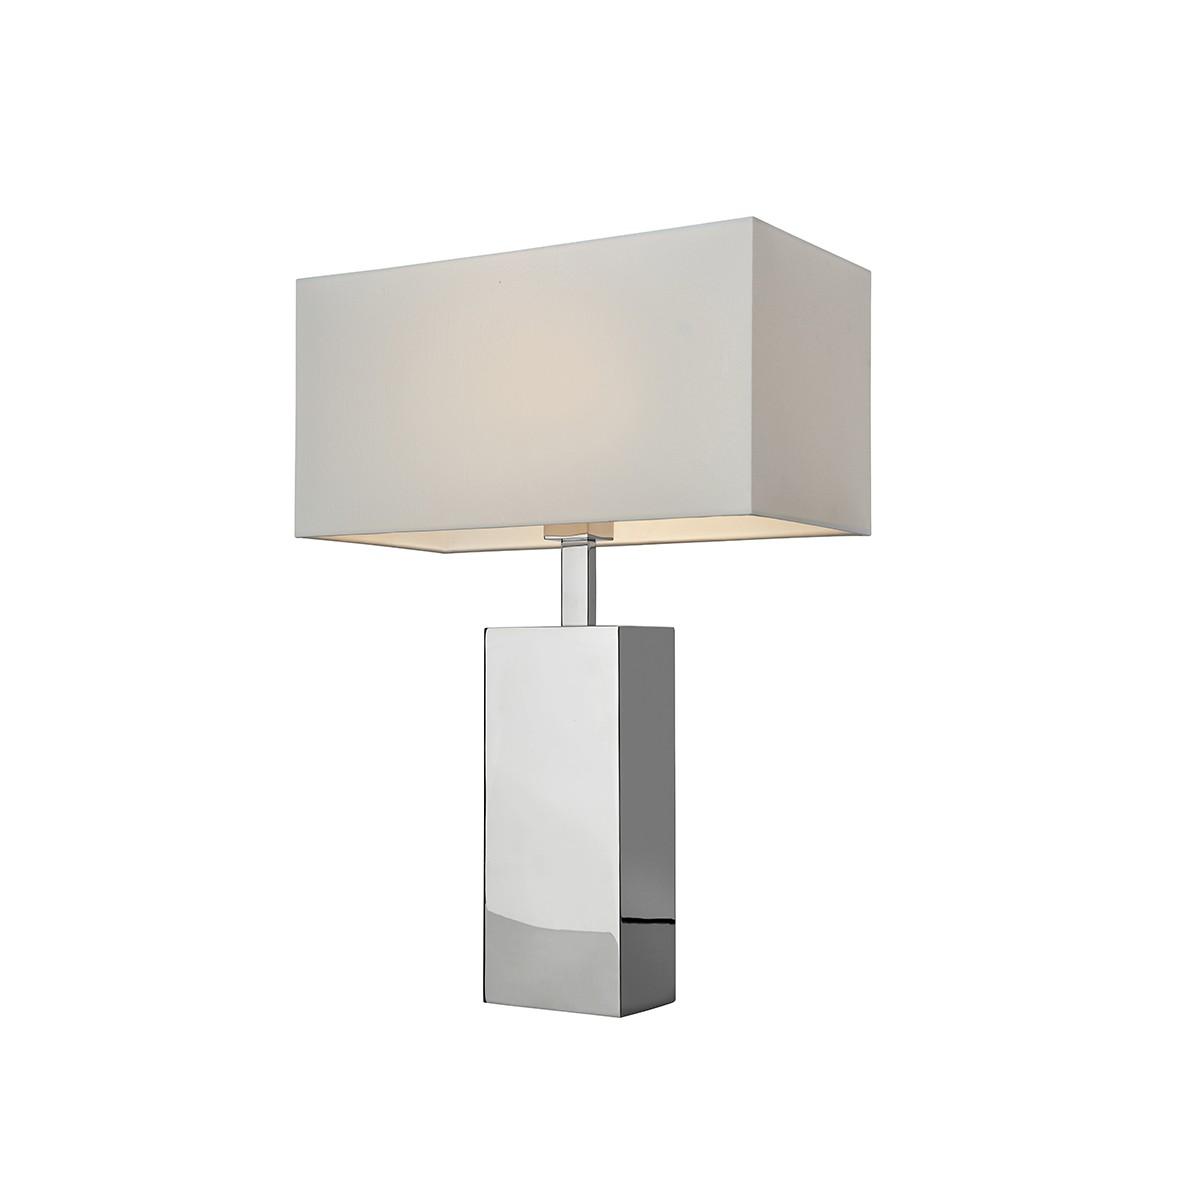 Sompex Block Tischleuchte, Höhe: 66 cm, Edelstahl - Textil: weiß